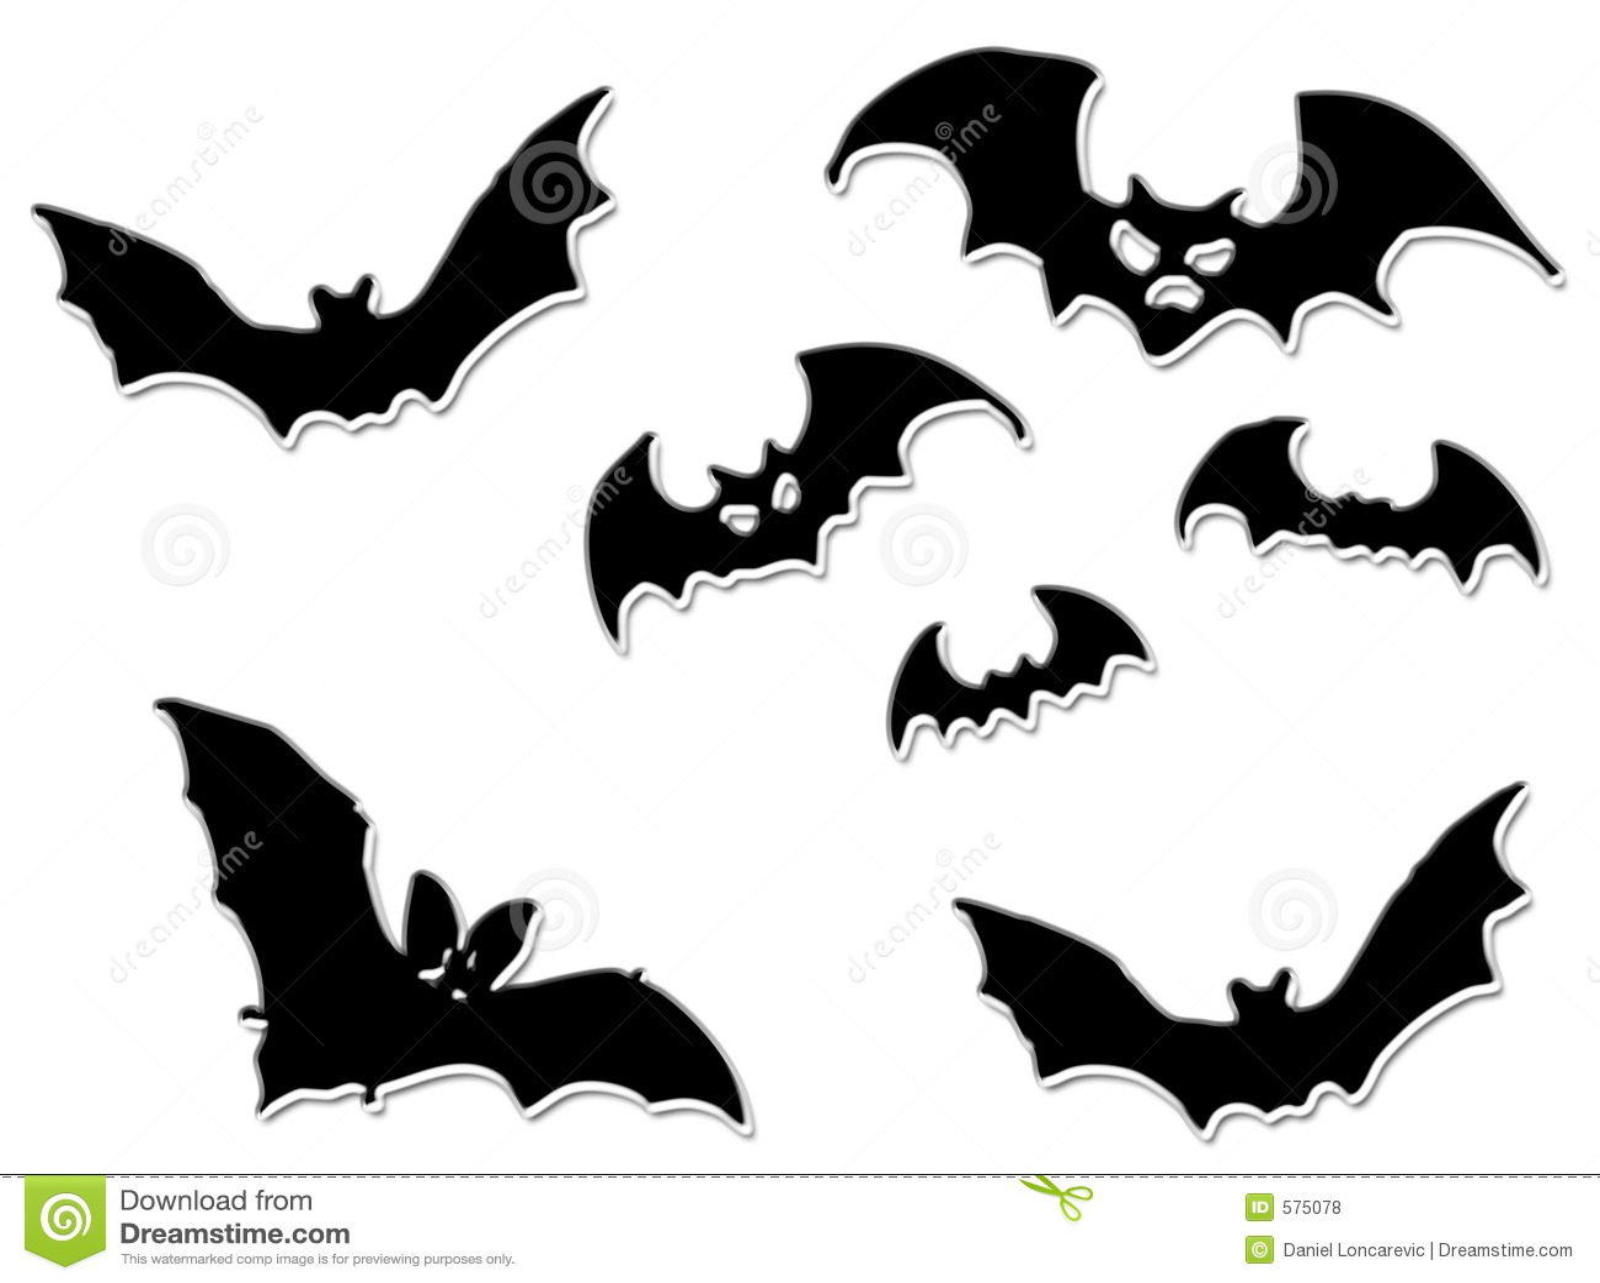 картинки летучих мышей на хэллоуин